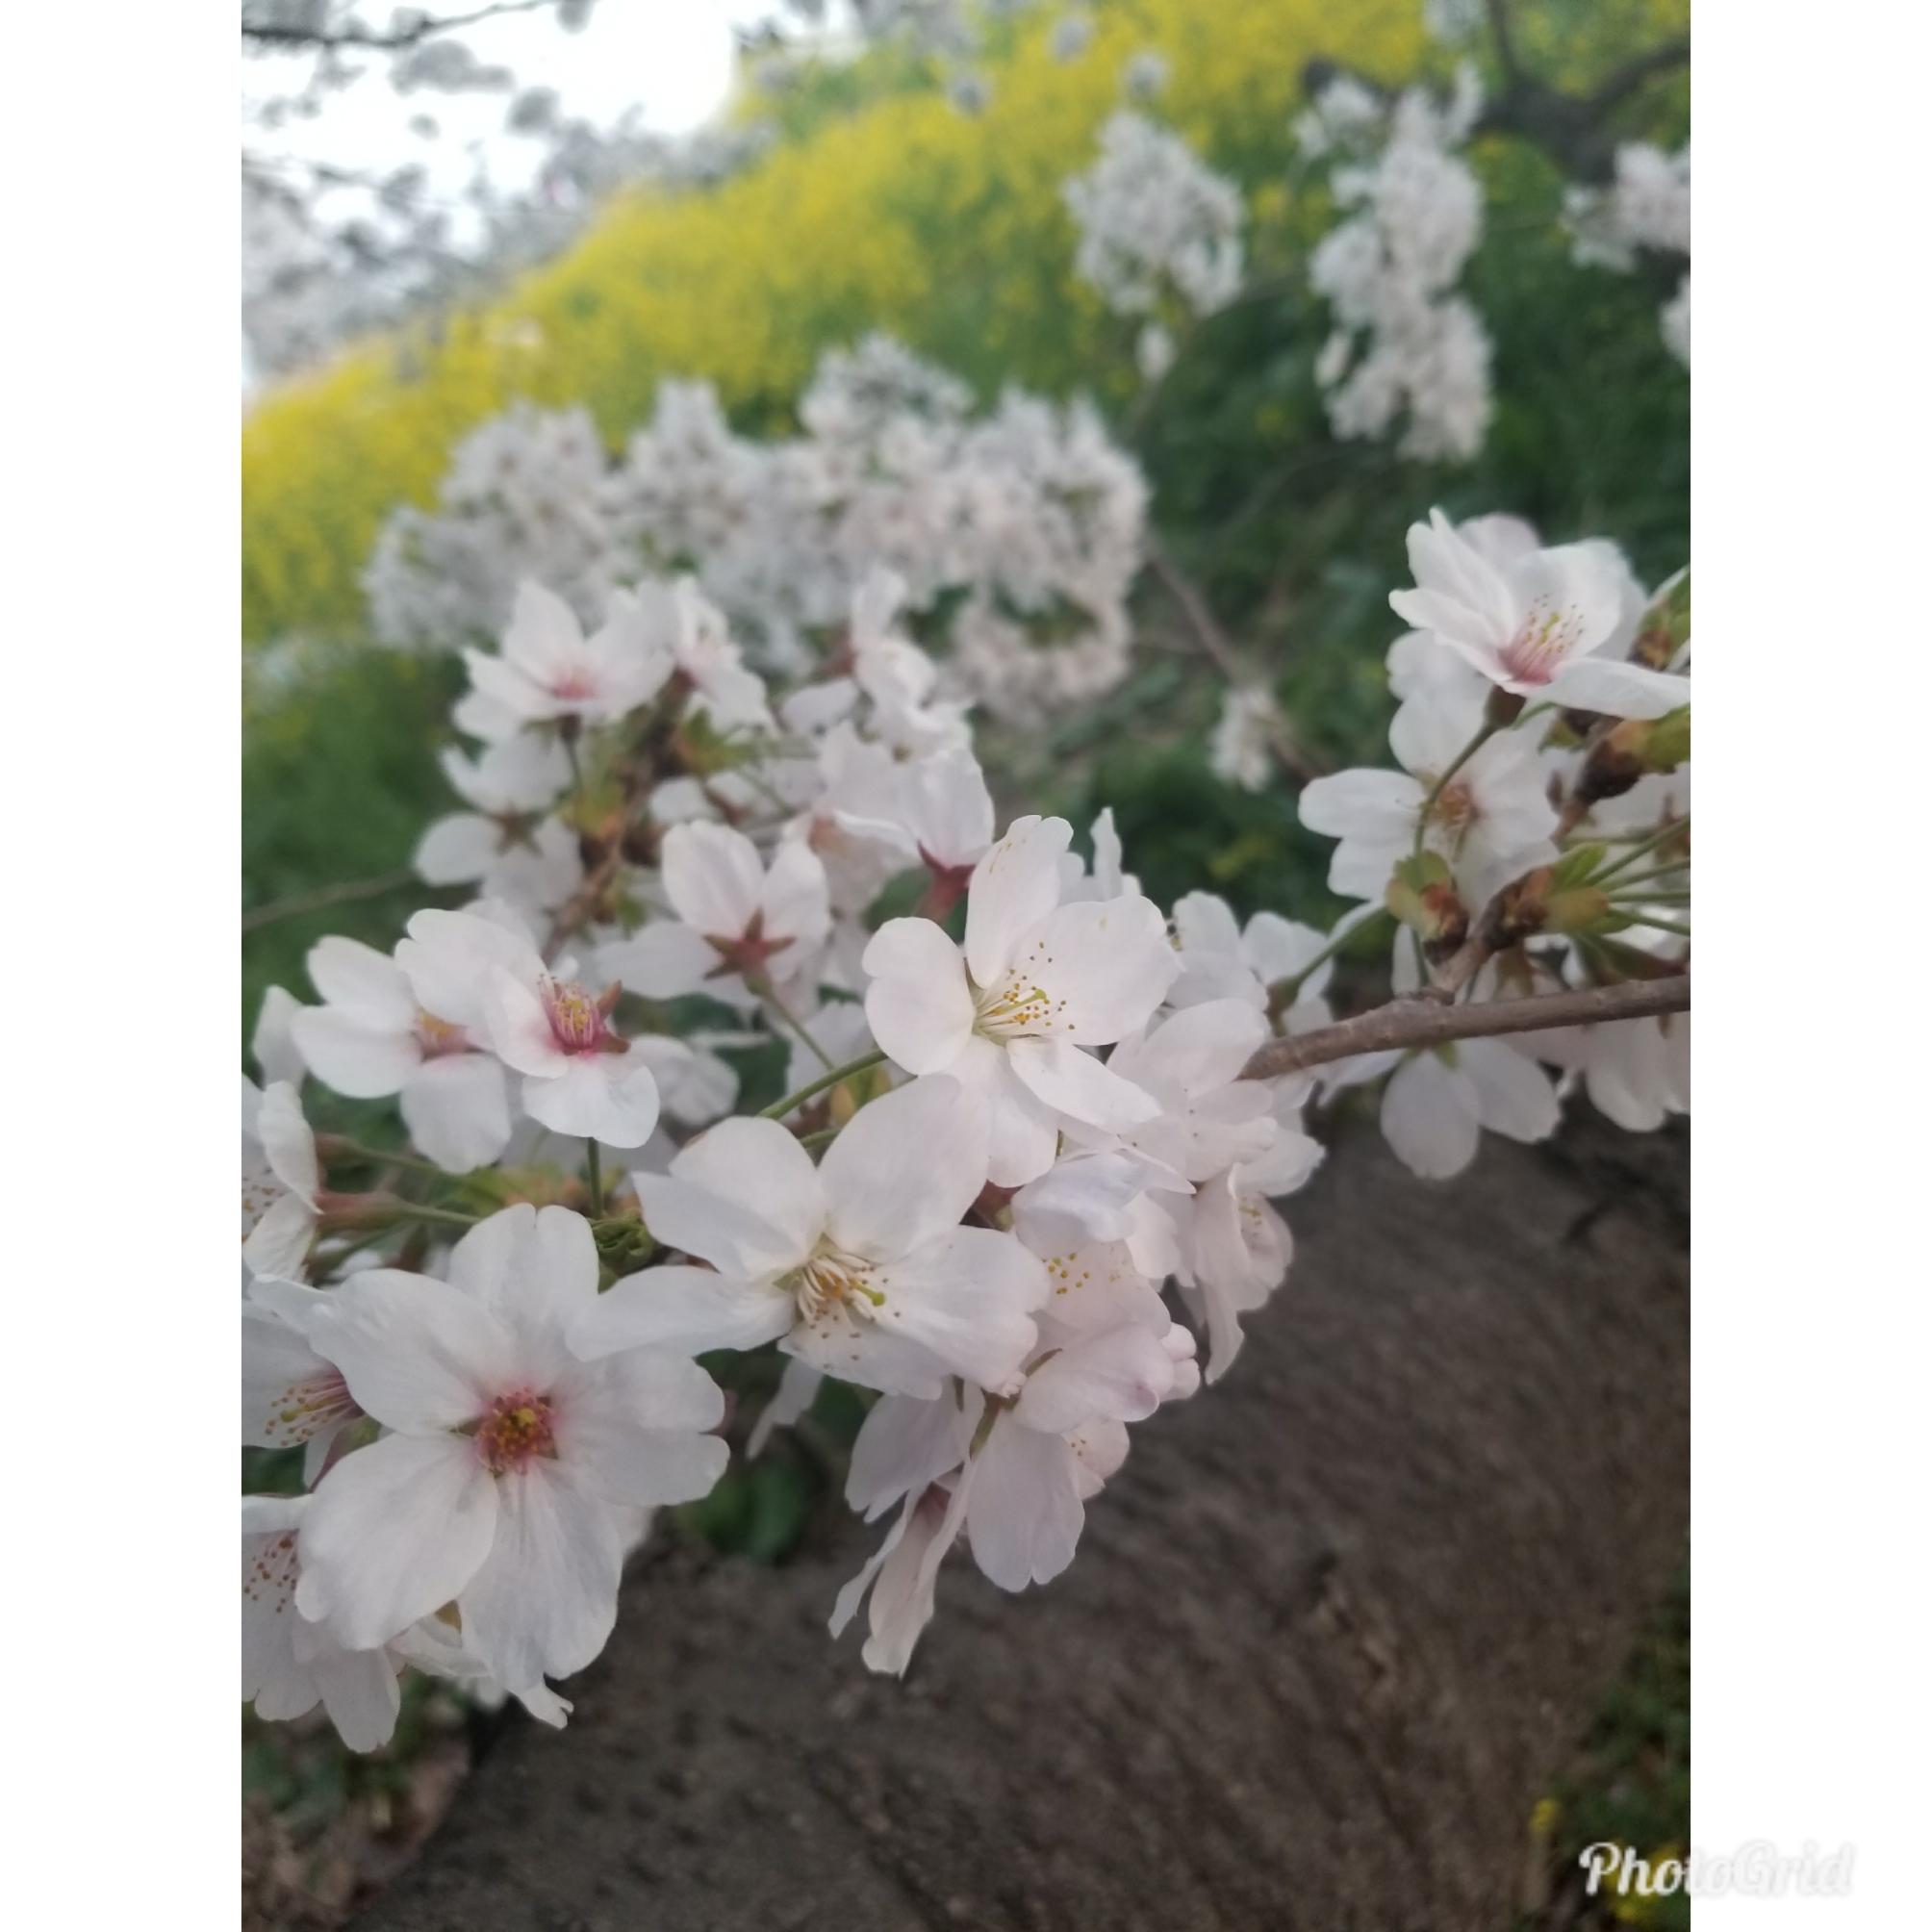 http://www.1mimi.com/news/PhotoGrid_1522455755157.jpg